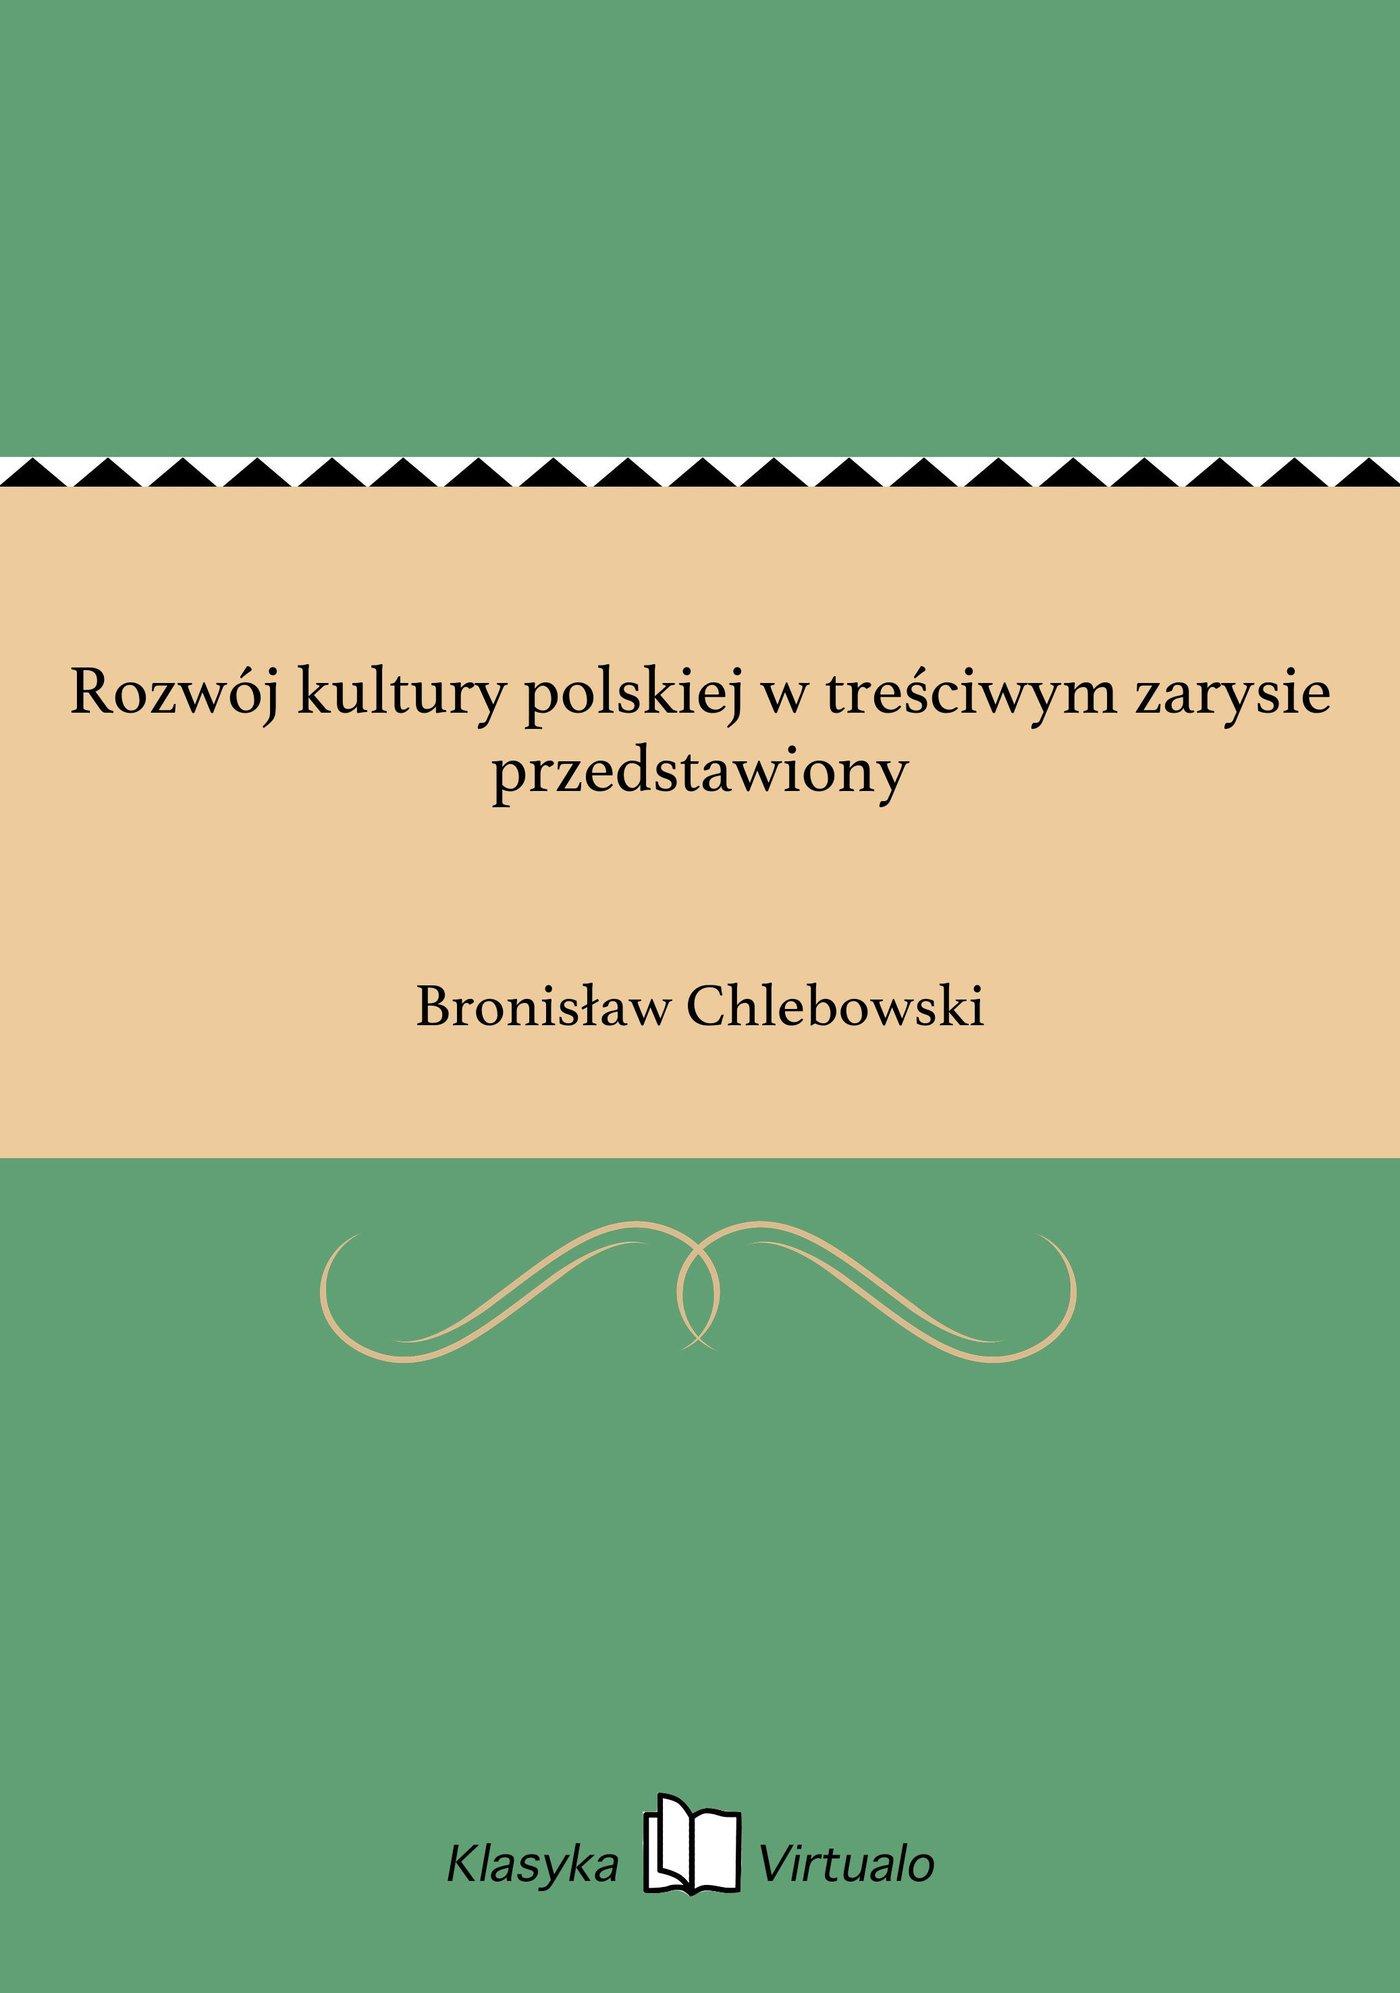 Rozwój kultury polskiej w treściwym zarysie przedstawiony - Ebook (Książka EPUB) do pobrania w formacie EPUB